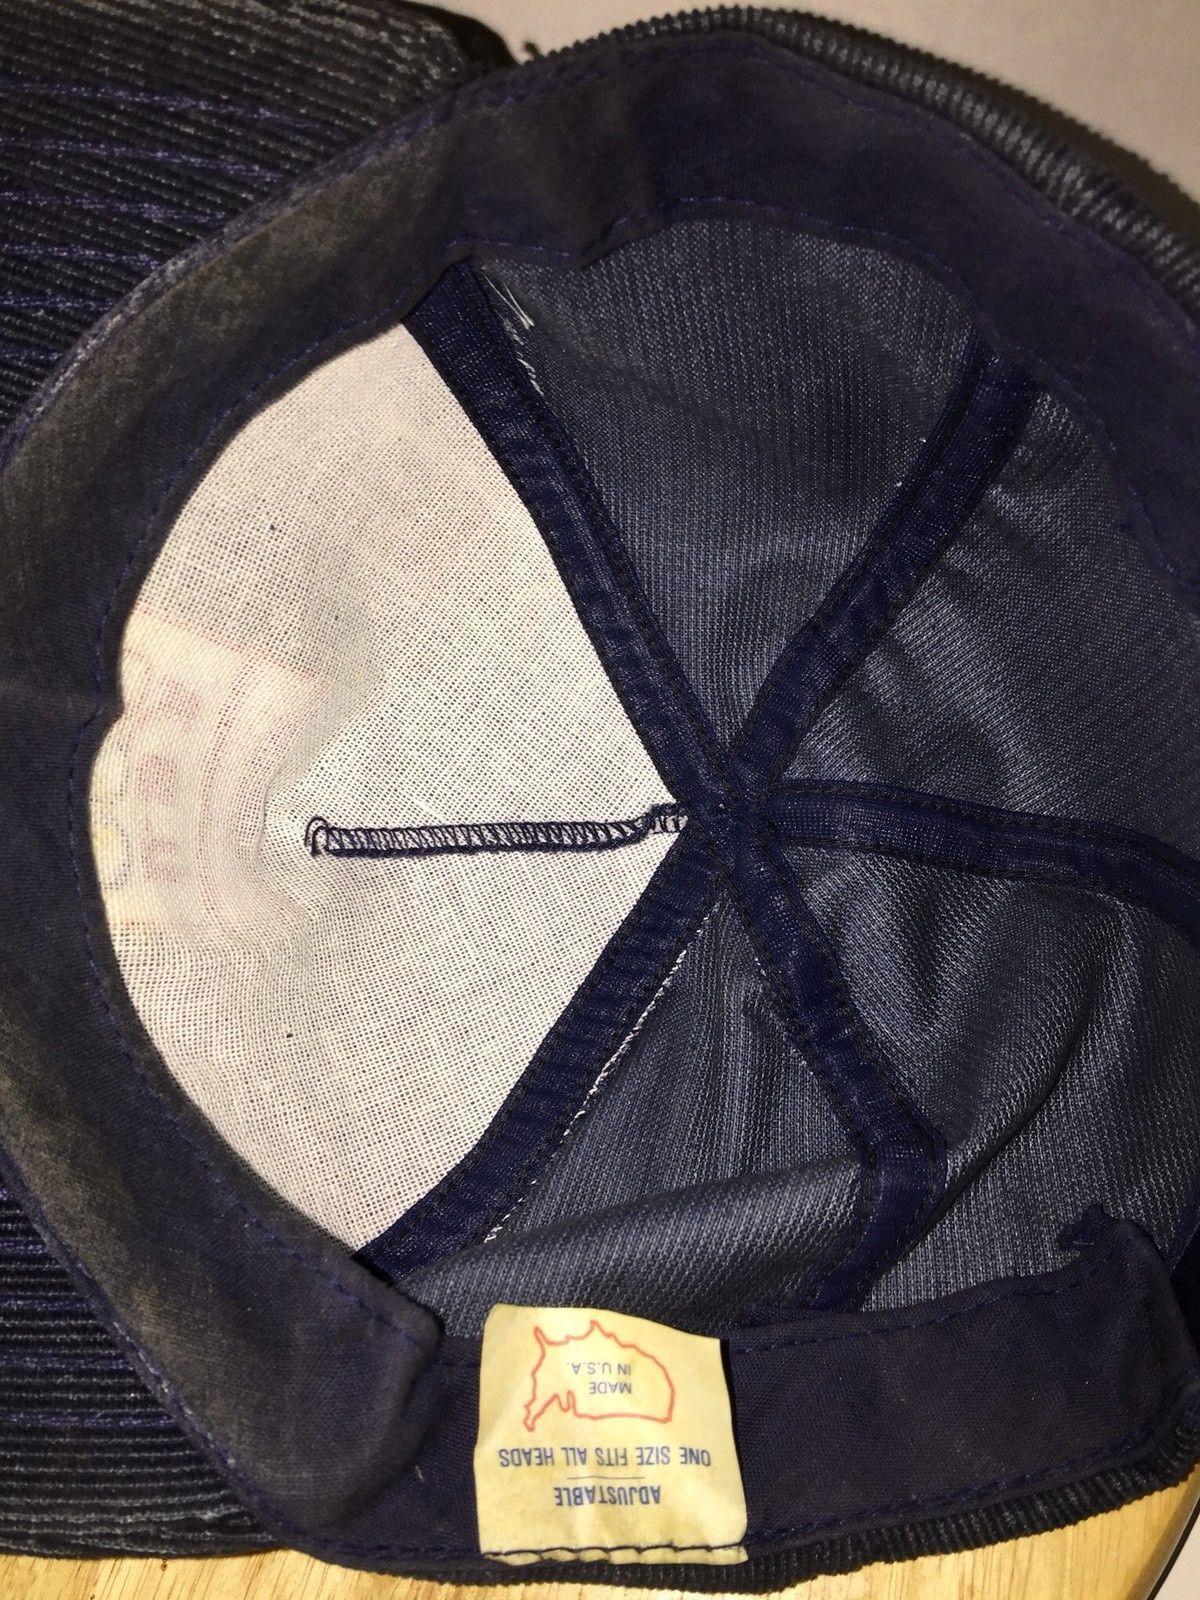 e14429e575efd Vintage BUDWEISER USA OLYMPICS 80s Denim Hat Cap Snapback USA SOFT Beer Bud  RARE